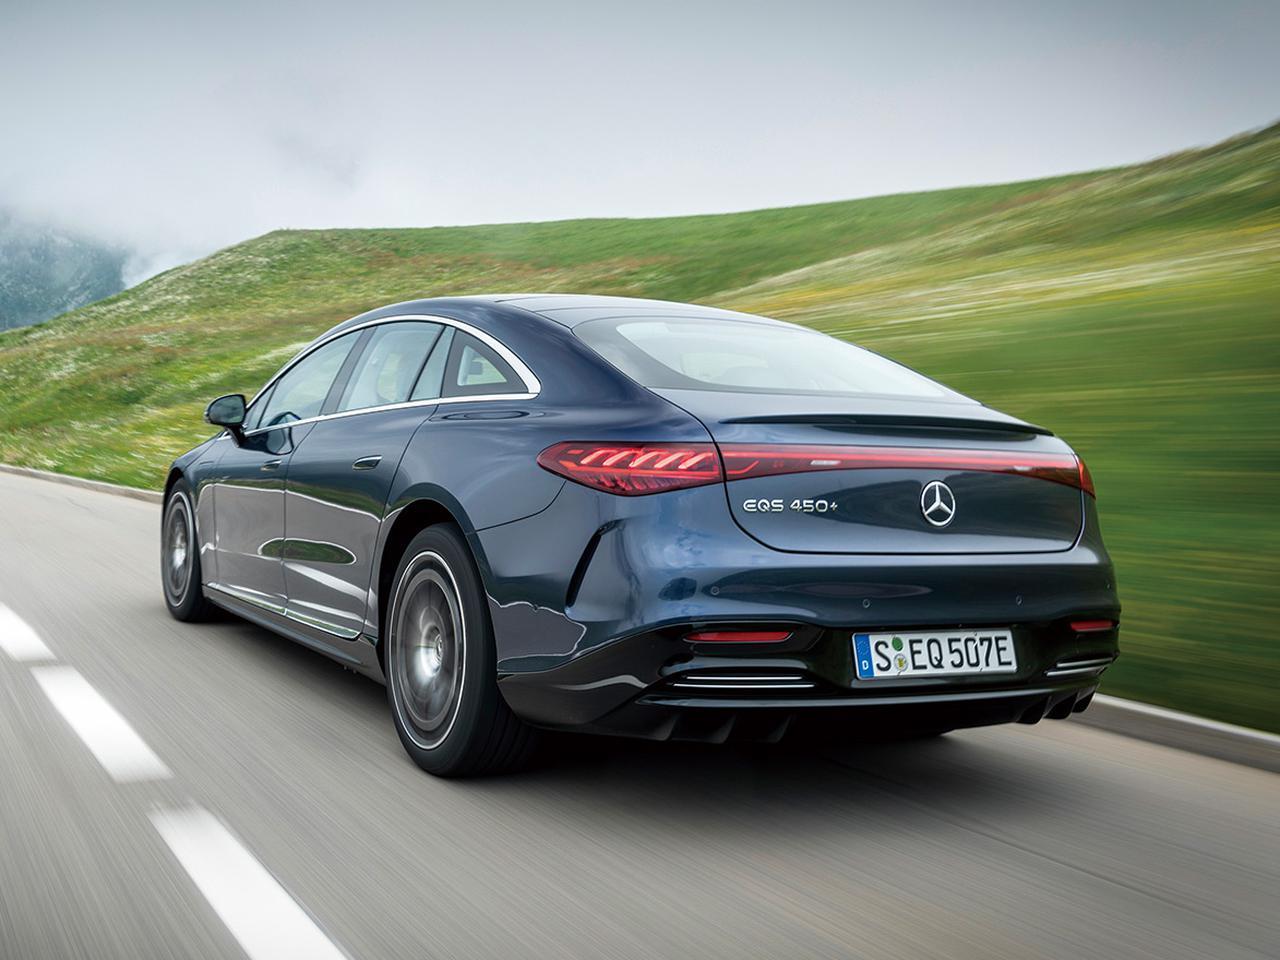 画像: エアマティックサスペンションには速度に応じて自動的に車高を調整する機能もある。